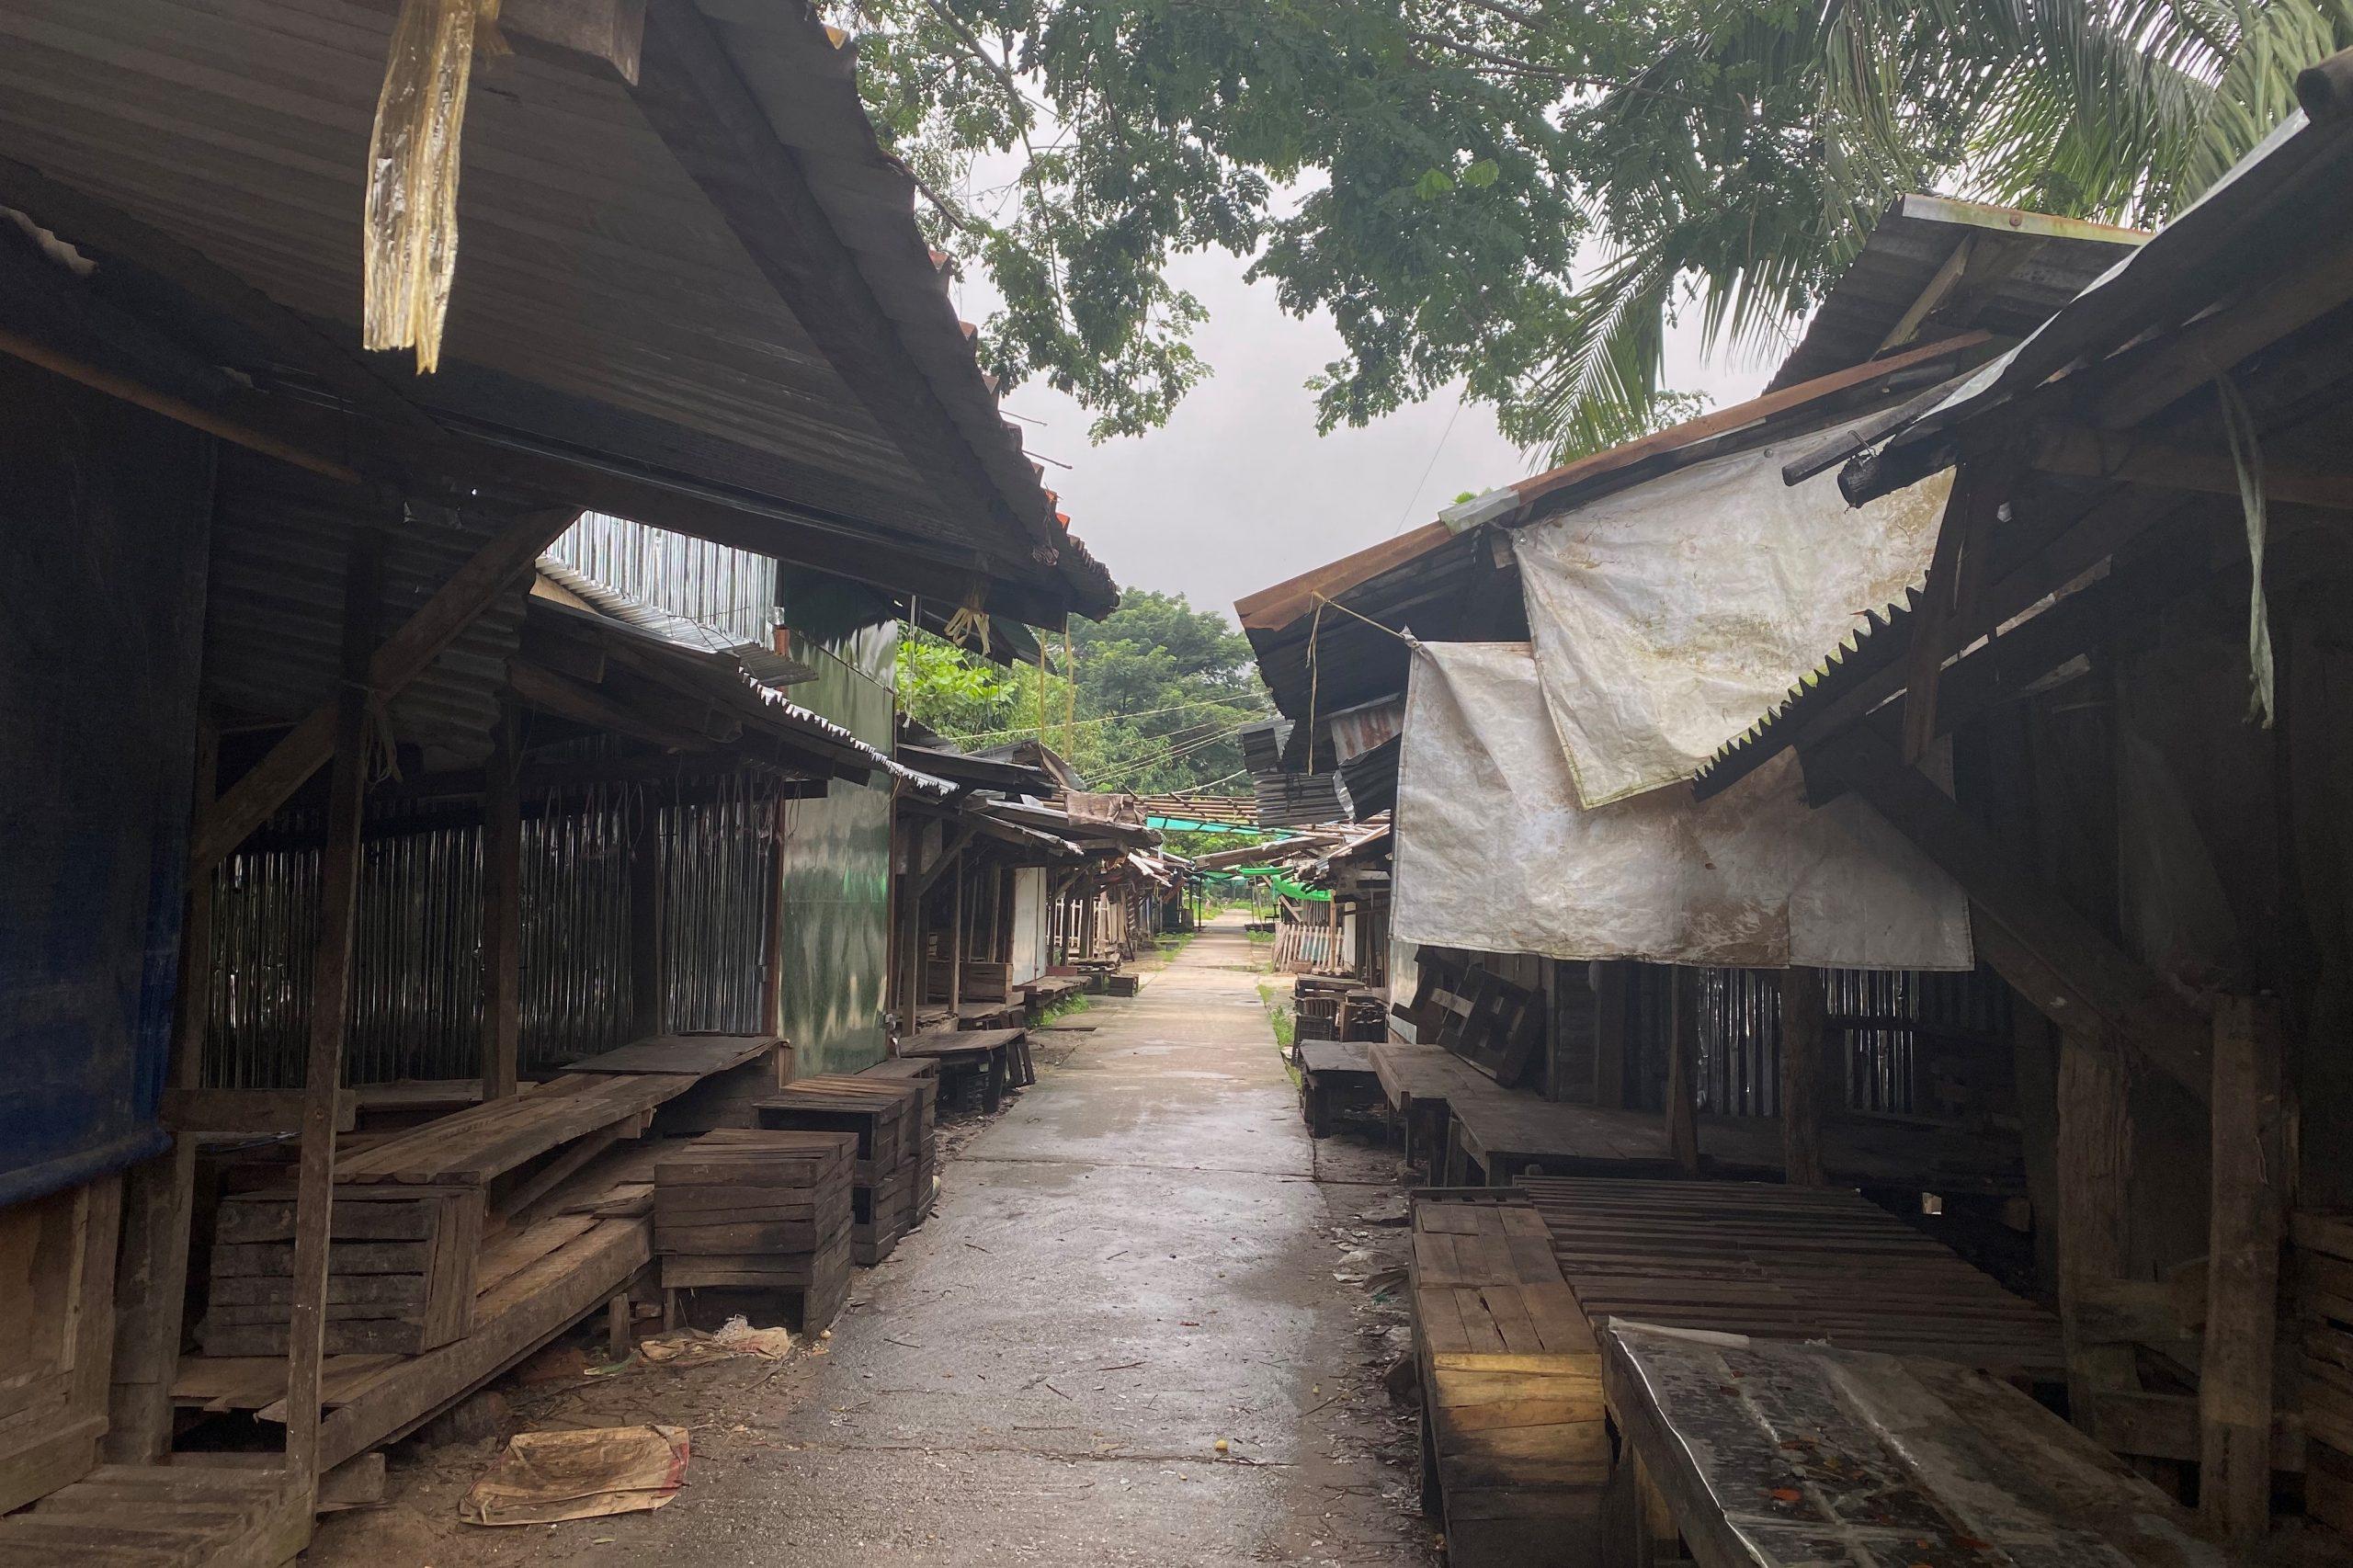 ကိုဗစ်-၁၉ကြောင့် ဇူလိုင်၁၇ရက်က ပိတ်လိုက်သည့် မြစ်ဝကျွန်းပေါ်ရွာလေးရှိ ဈေးကို မြင်တွေ့ရစဉ်။ (ဓာတ်ပုံ | ဖရွန်းတီးယားမြန်မာ)